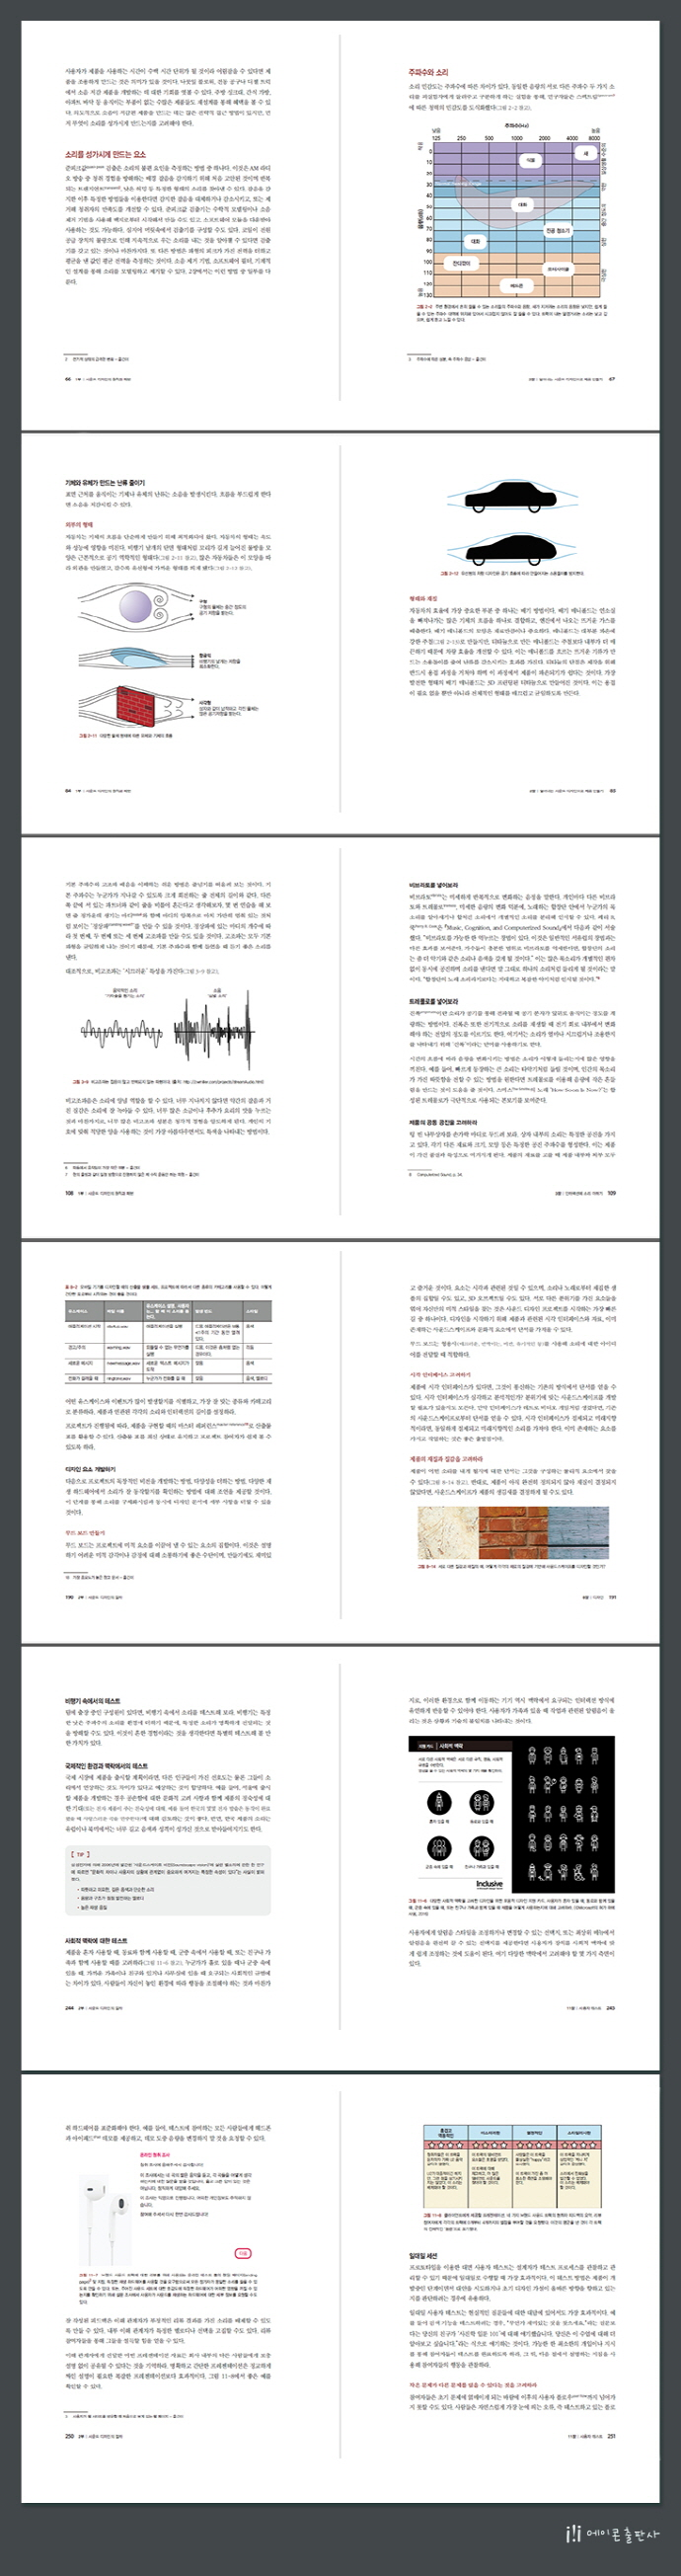 사운드 디자인(UX 프로페셔널) 도서 상세이미지